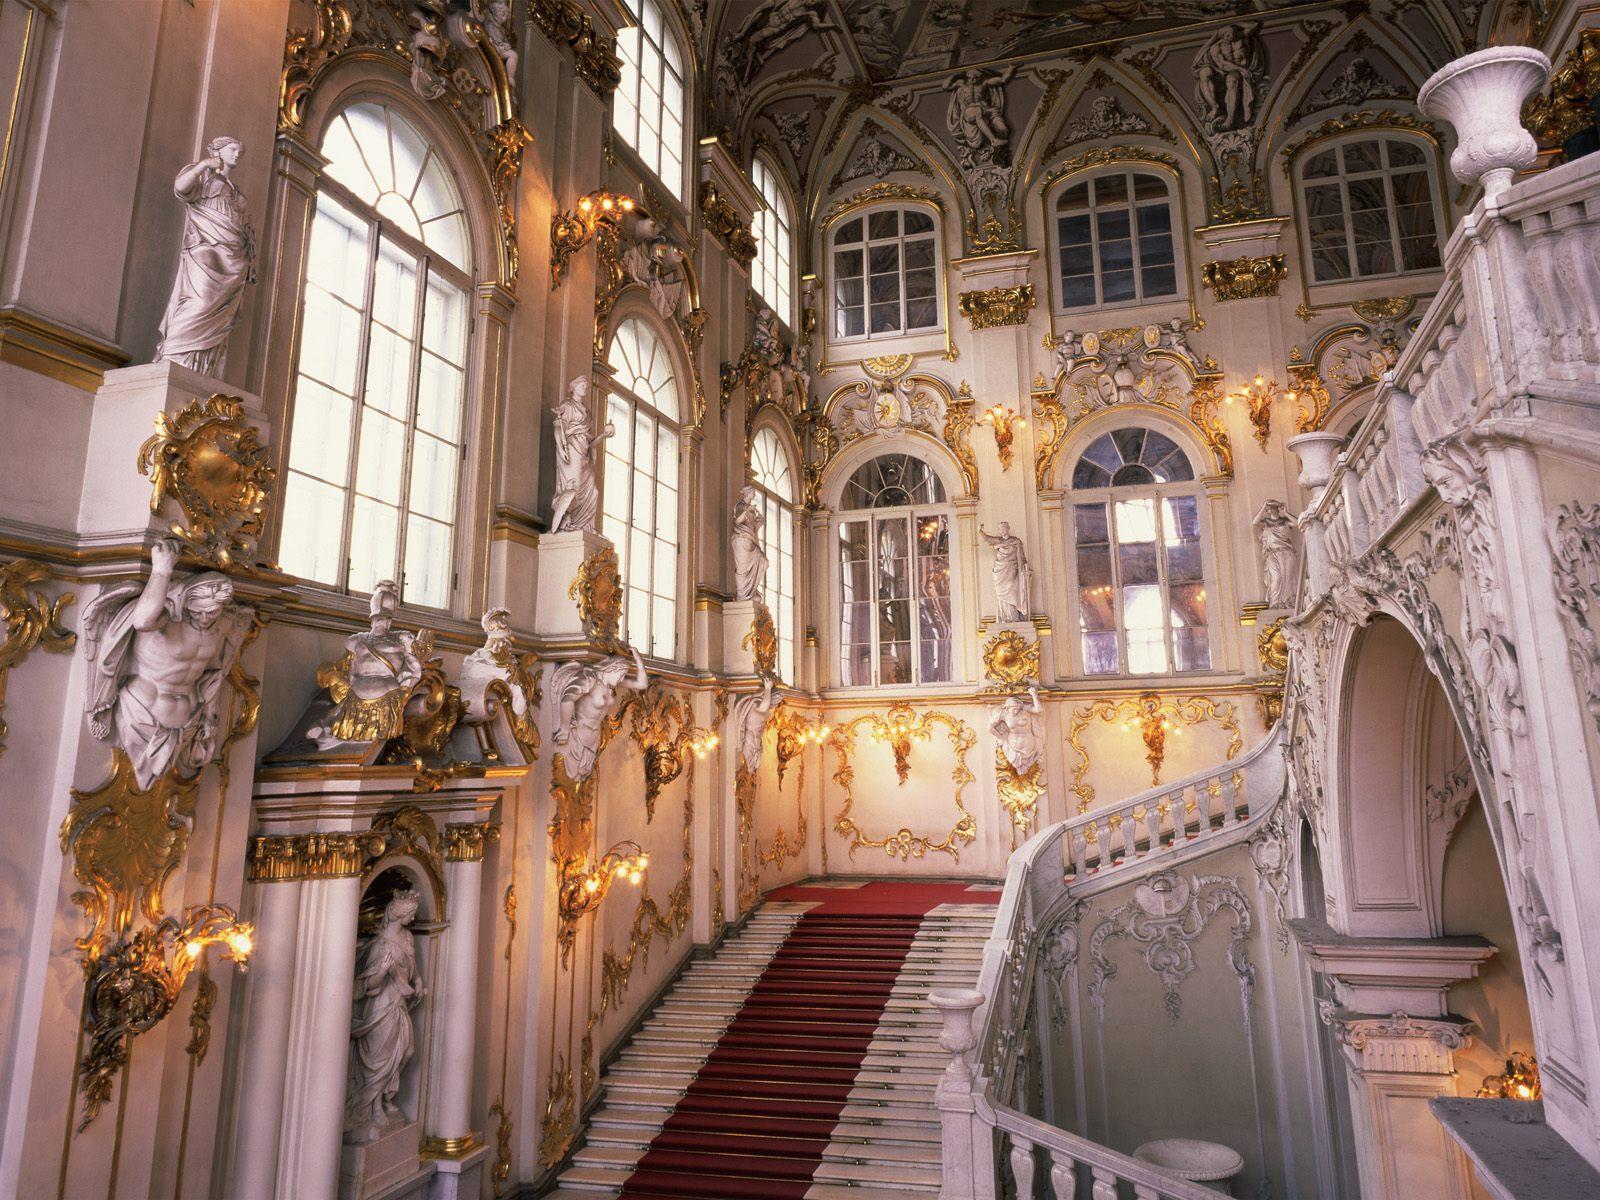 نتيجة بحث الصور عن متحف الإرميتاج في روسيا